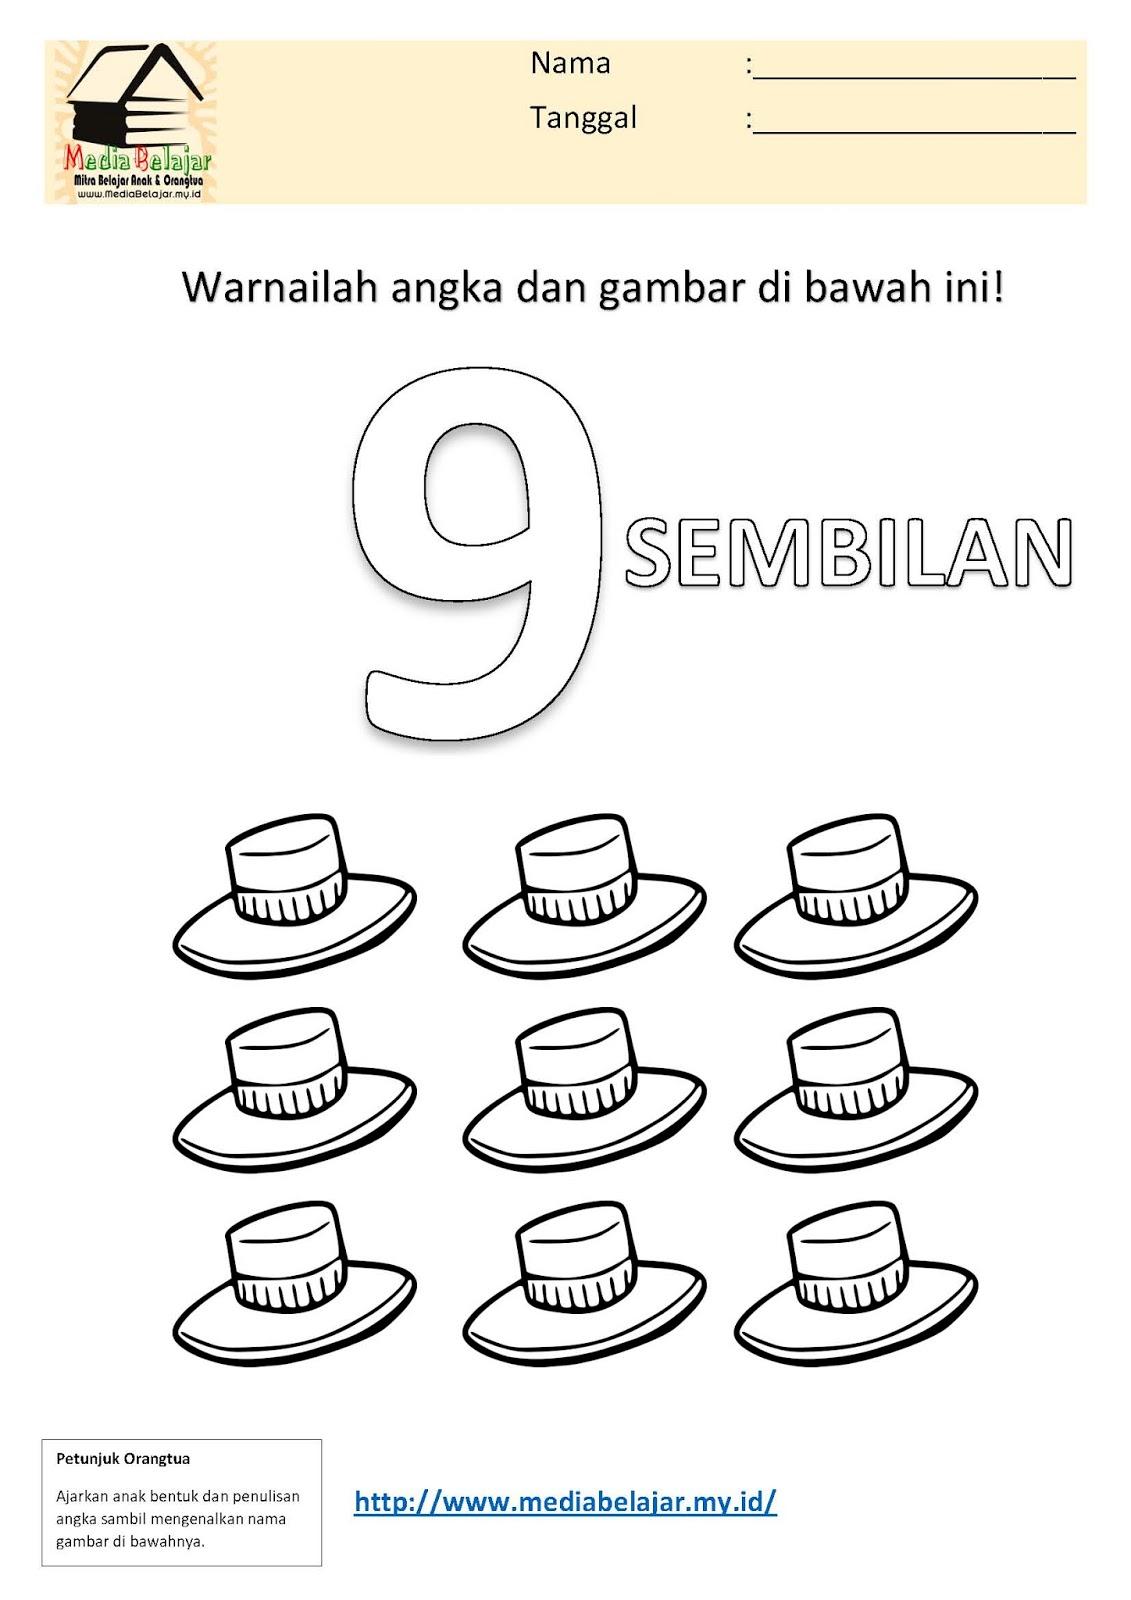 Mewarnai Angka 9 Sembilan Dan Mewarnai Gambar Topi